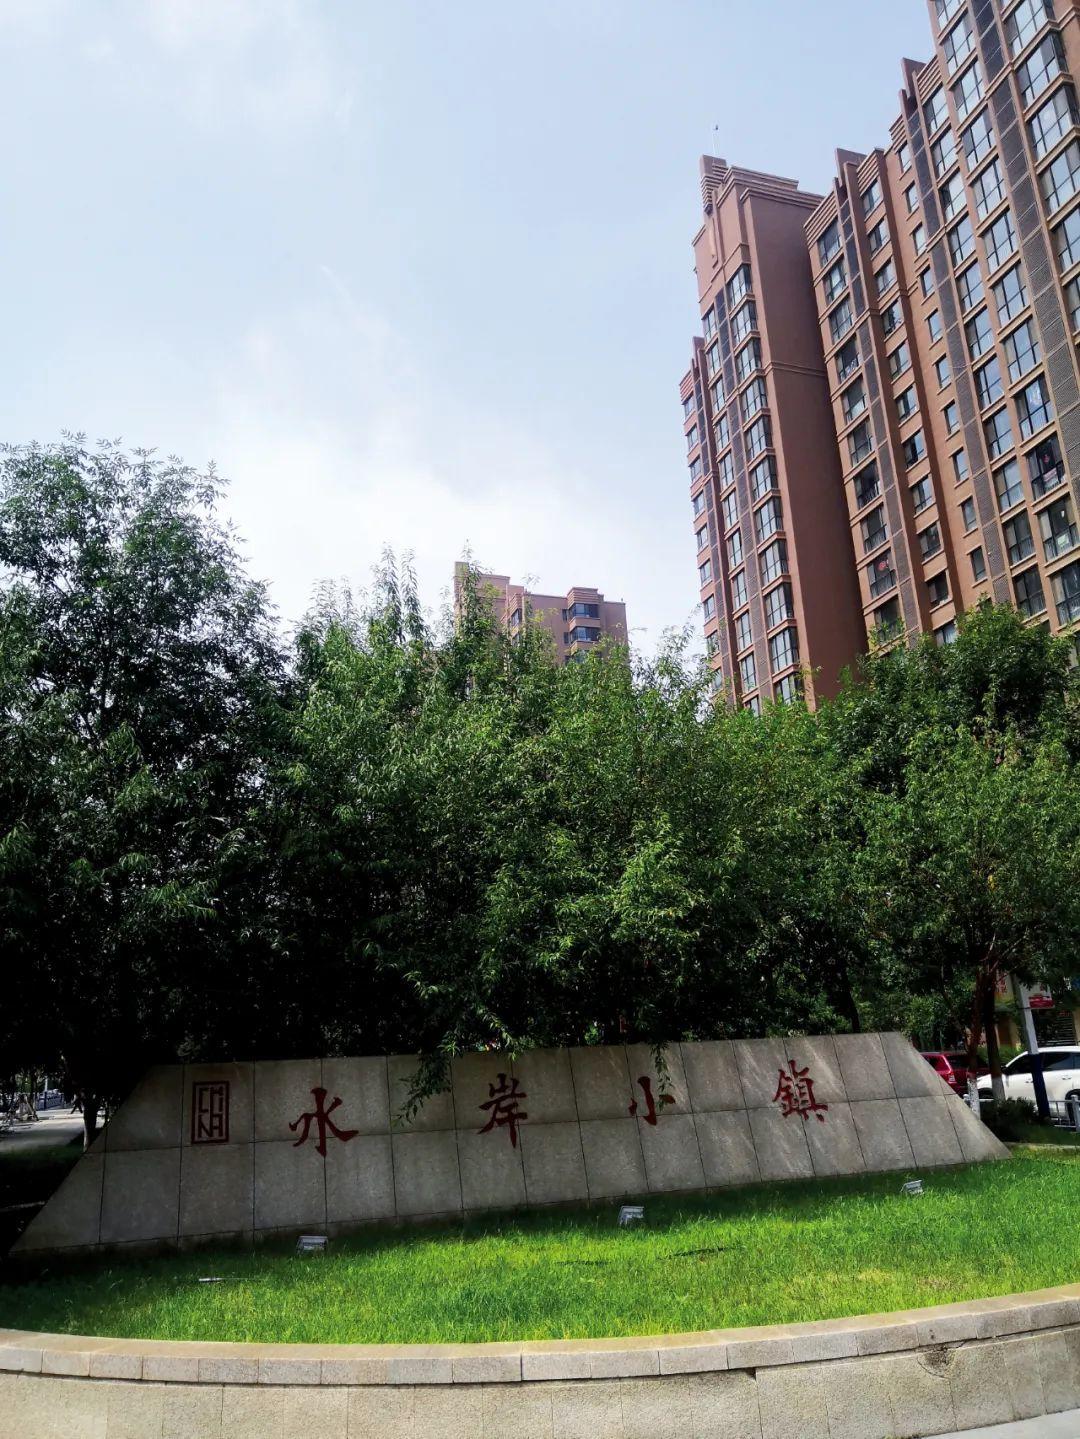 春華水務建的水岸小鎮項目,其與呼和浩特市政府大樓隔東河相望。攝影/本刊記者 周群峰